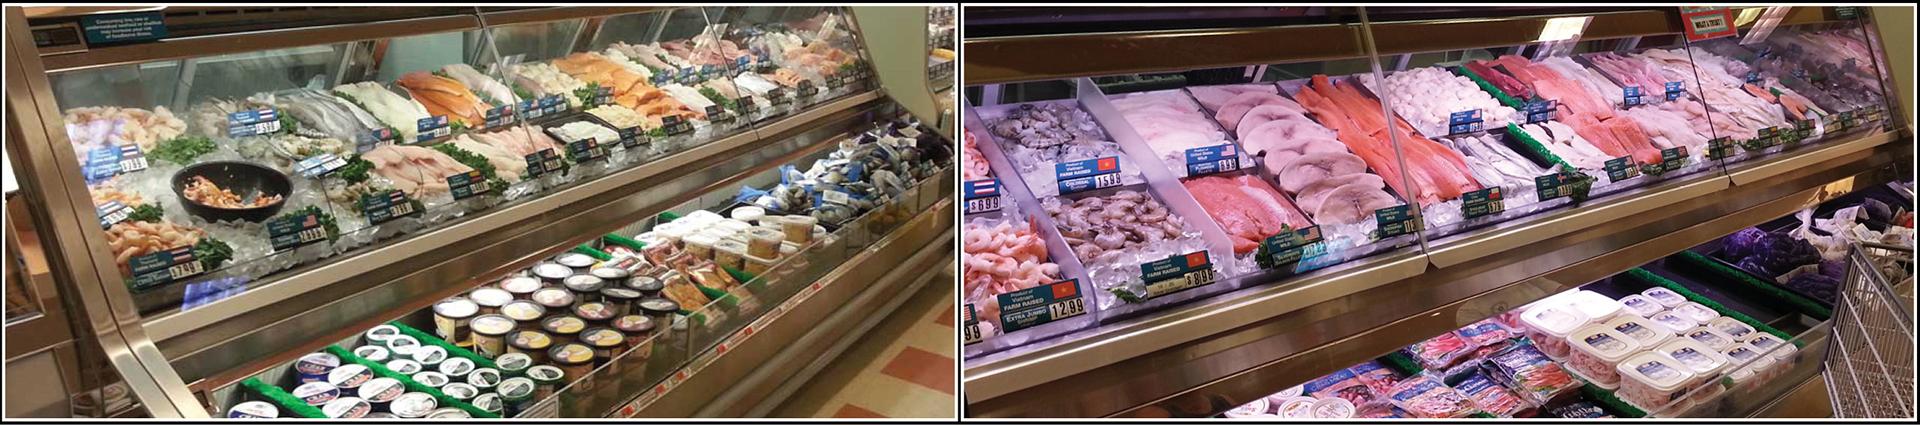 market-basket-seafood